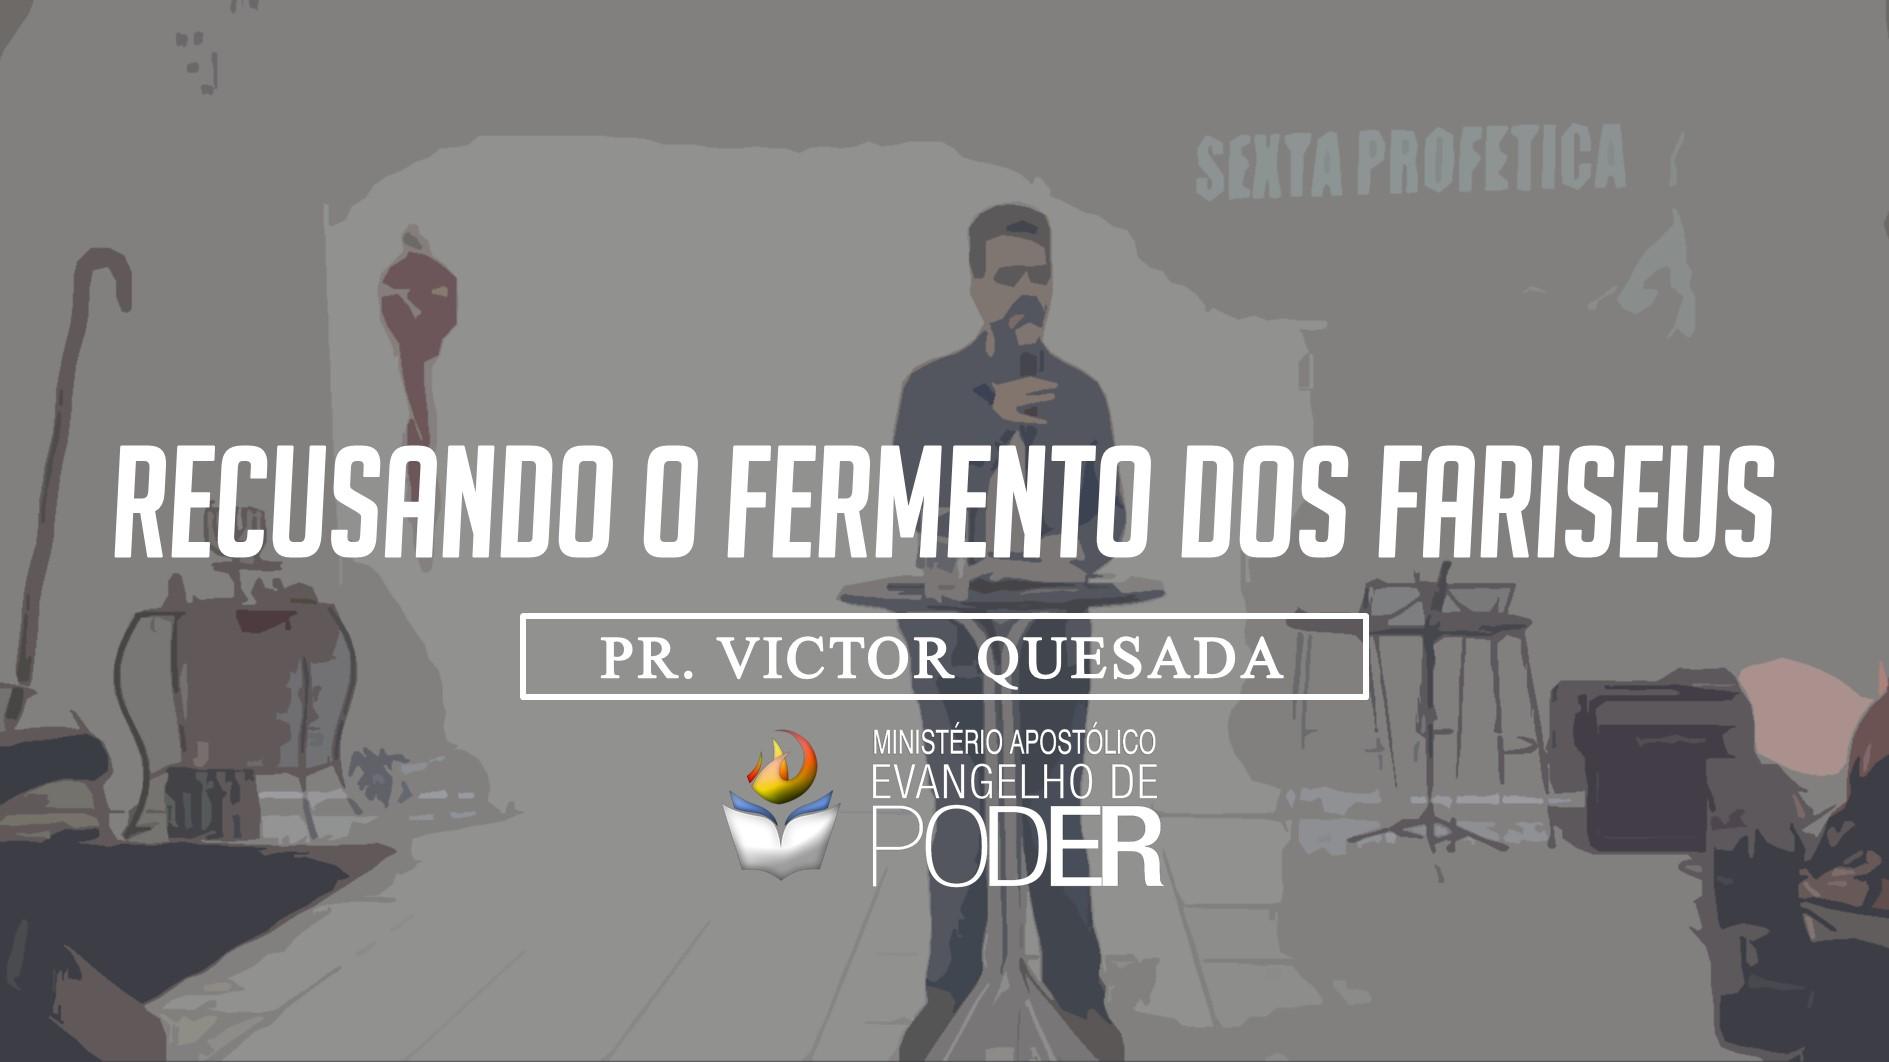 RECUSANDO O FERMENTO DOS FARISEUS - PR. VICTOR QUESADA